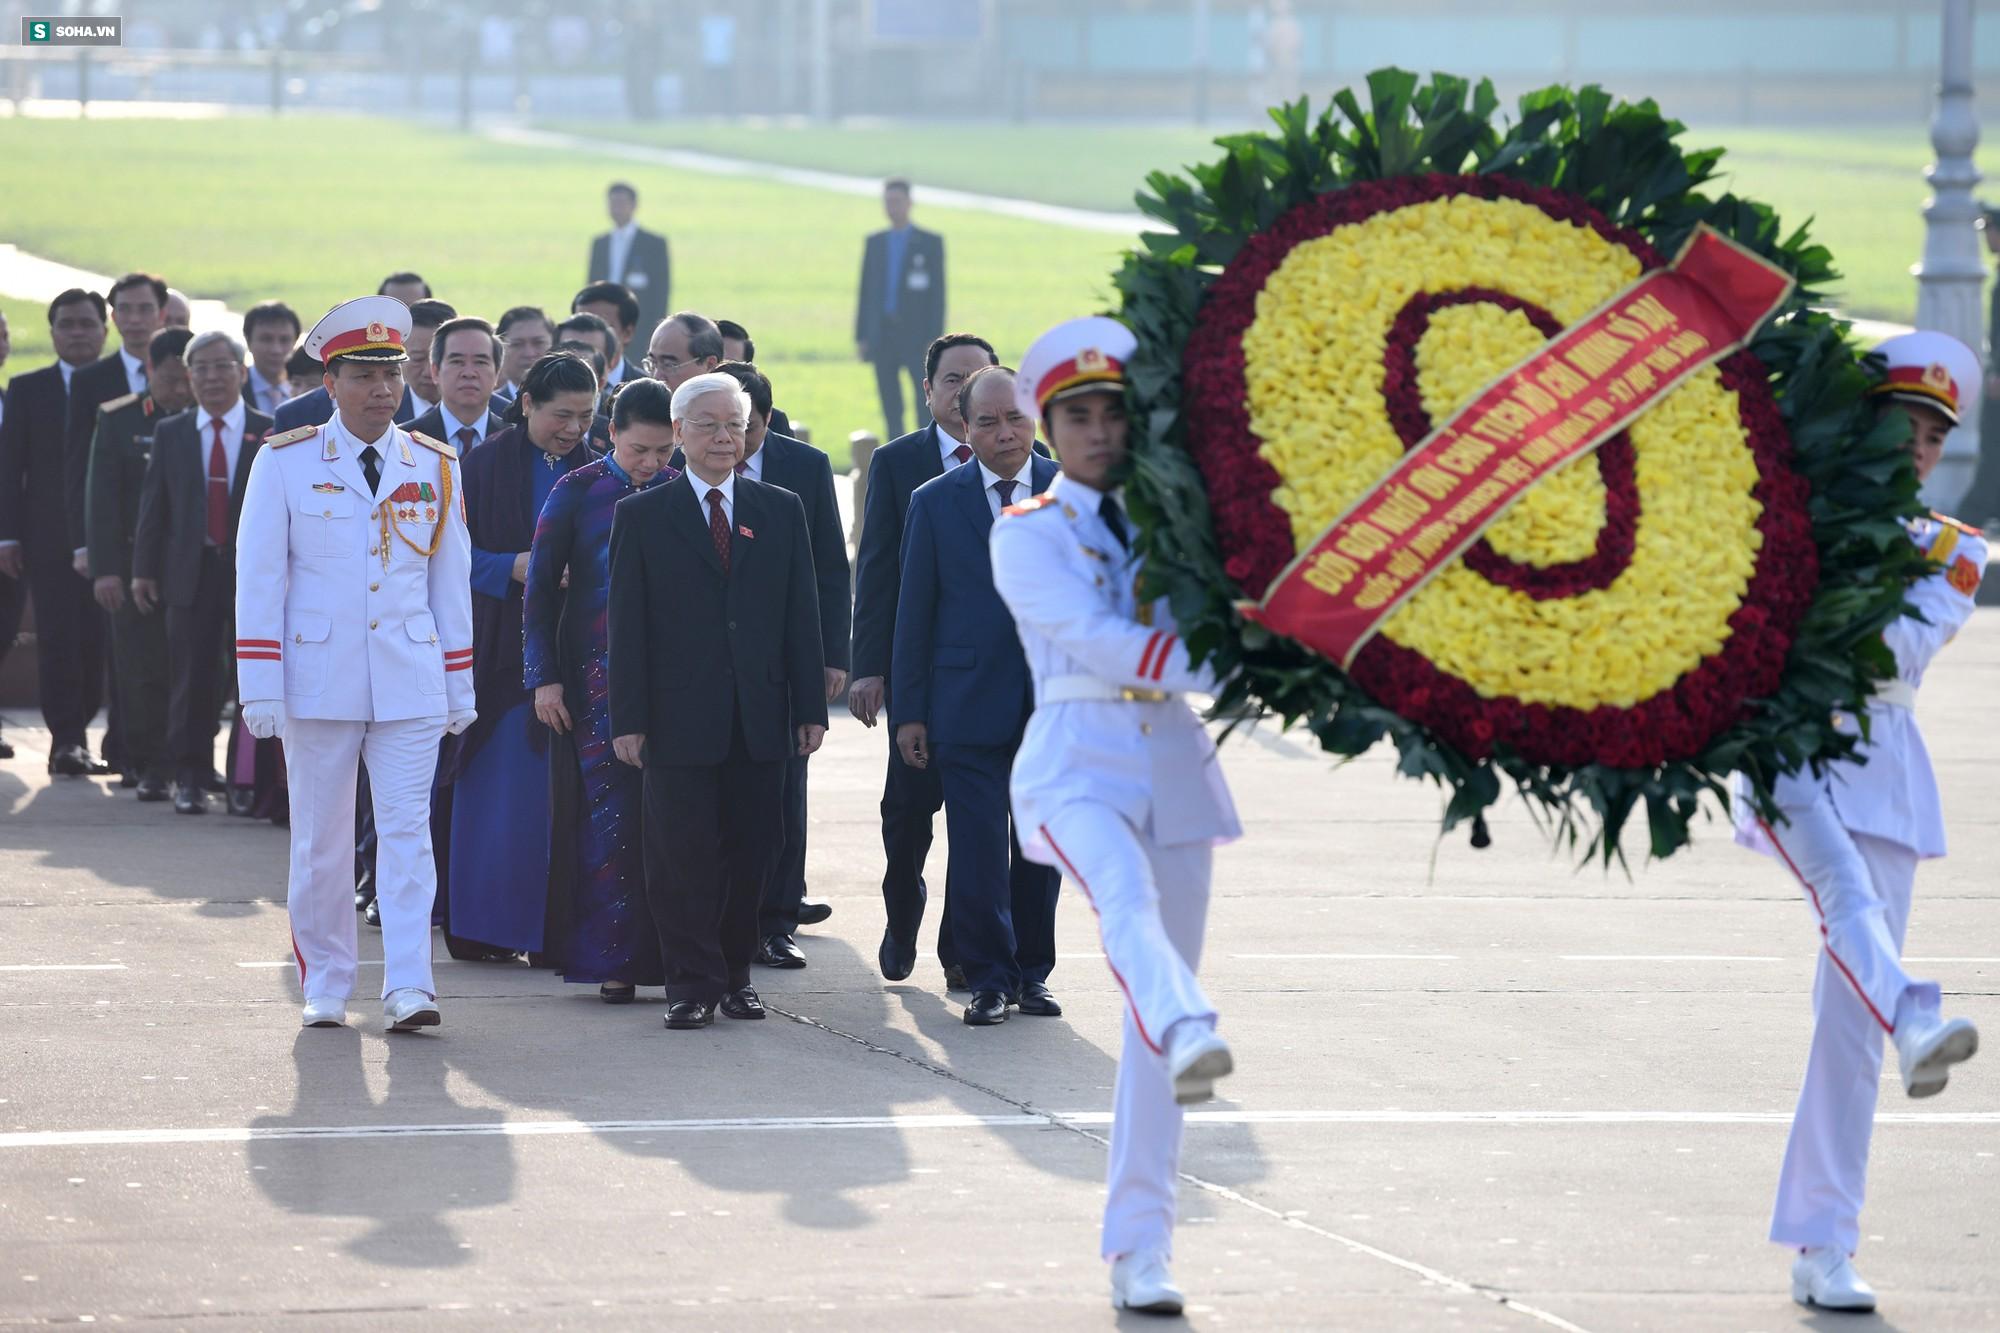 Đại biểu Quốc hội viếng Chủ tịch Hồ Chí Minh 3